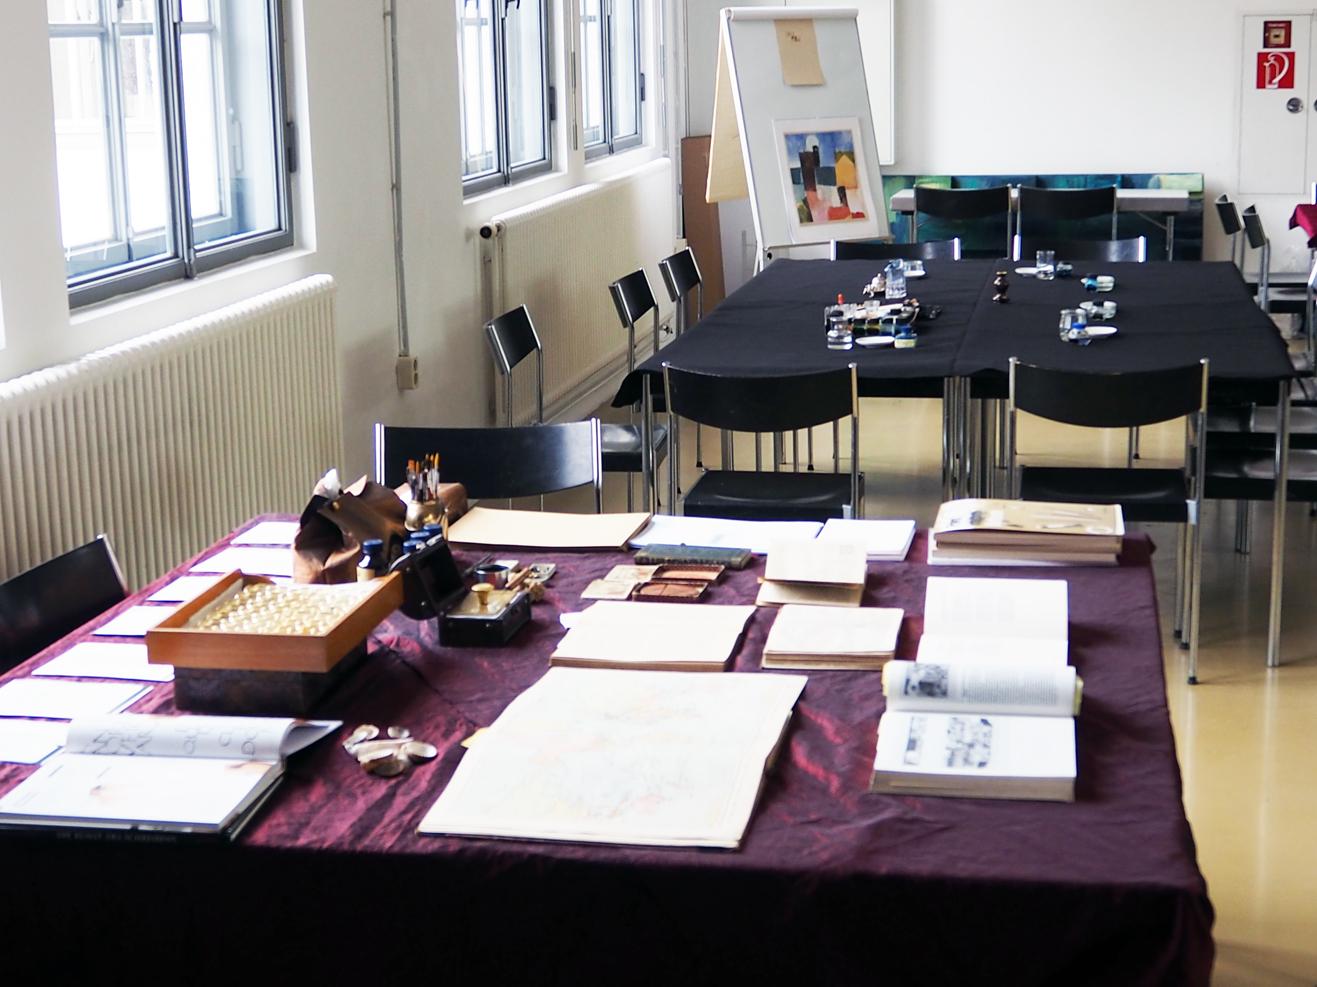 Schreibsaal in der Flugwerft Schleißheim